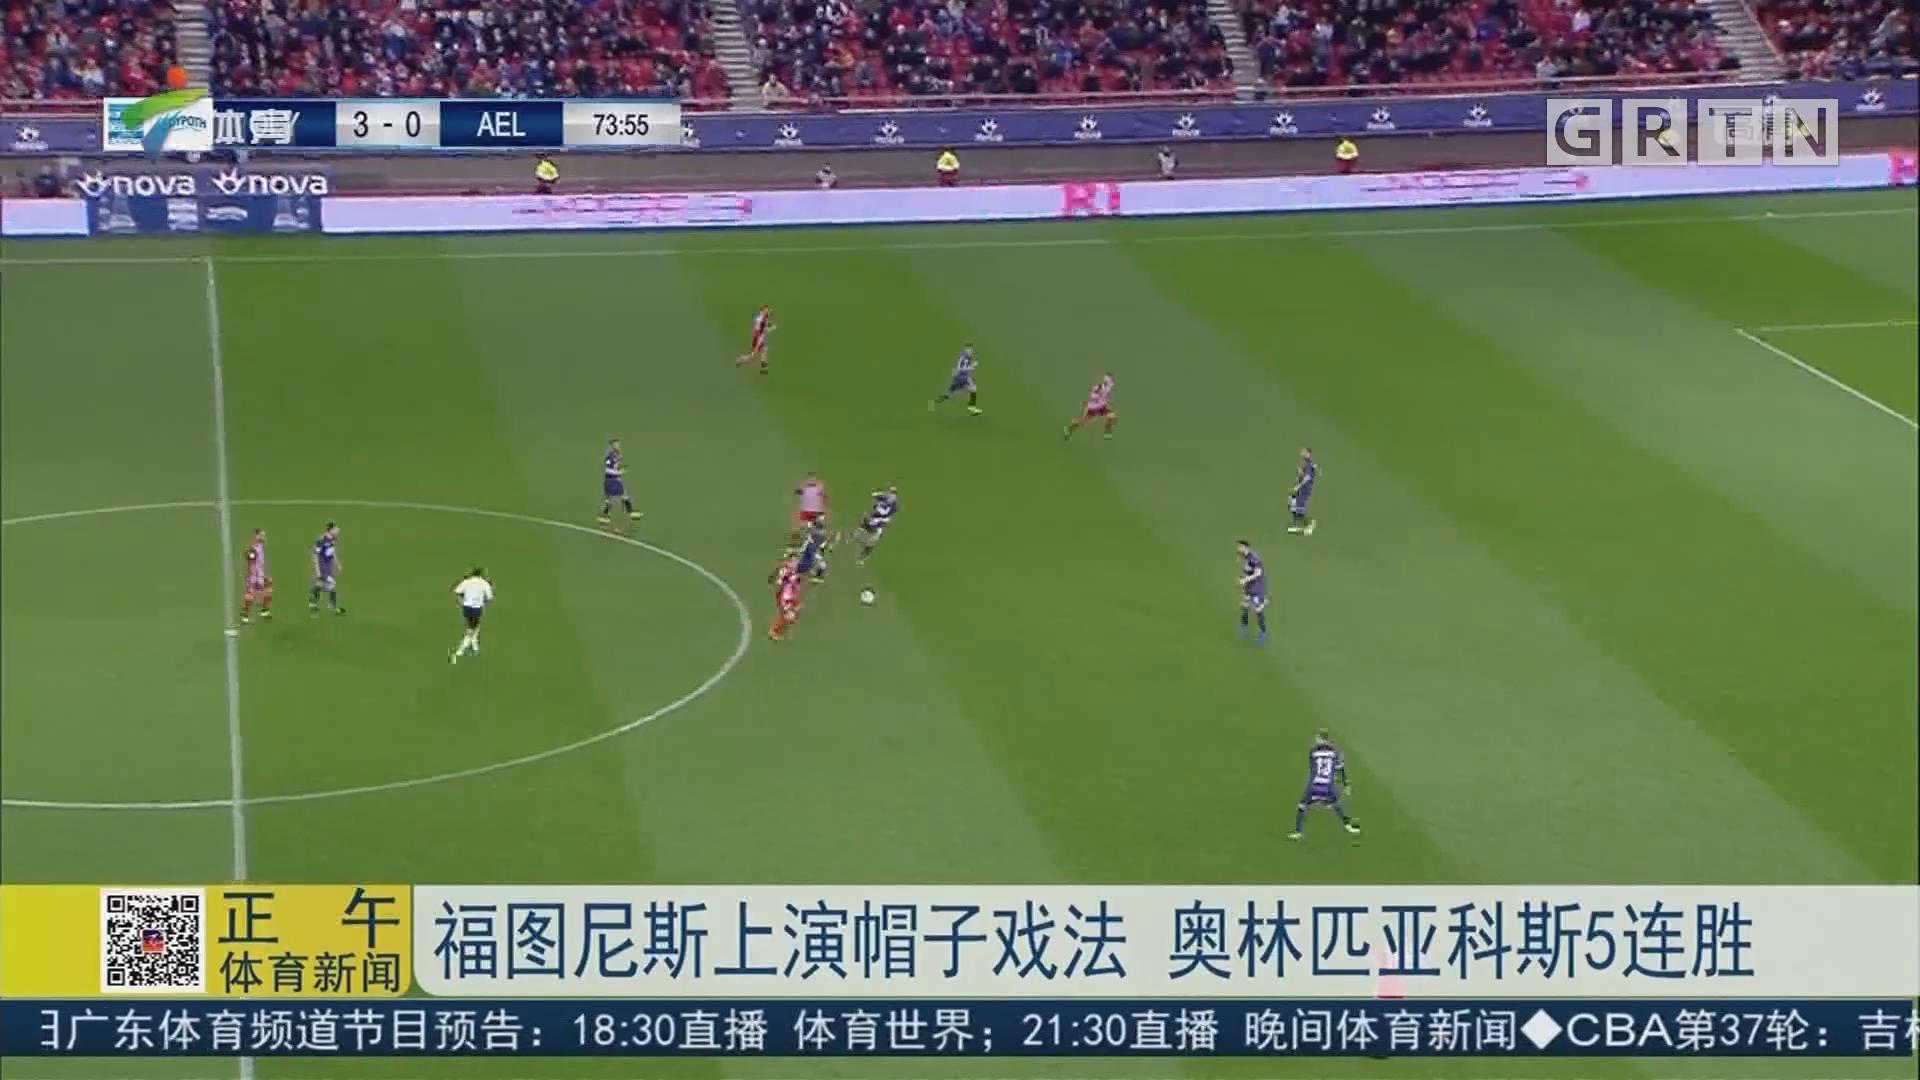 福图尼斯上演帽子戏法 奥林匹亚科斯5连胜